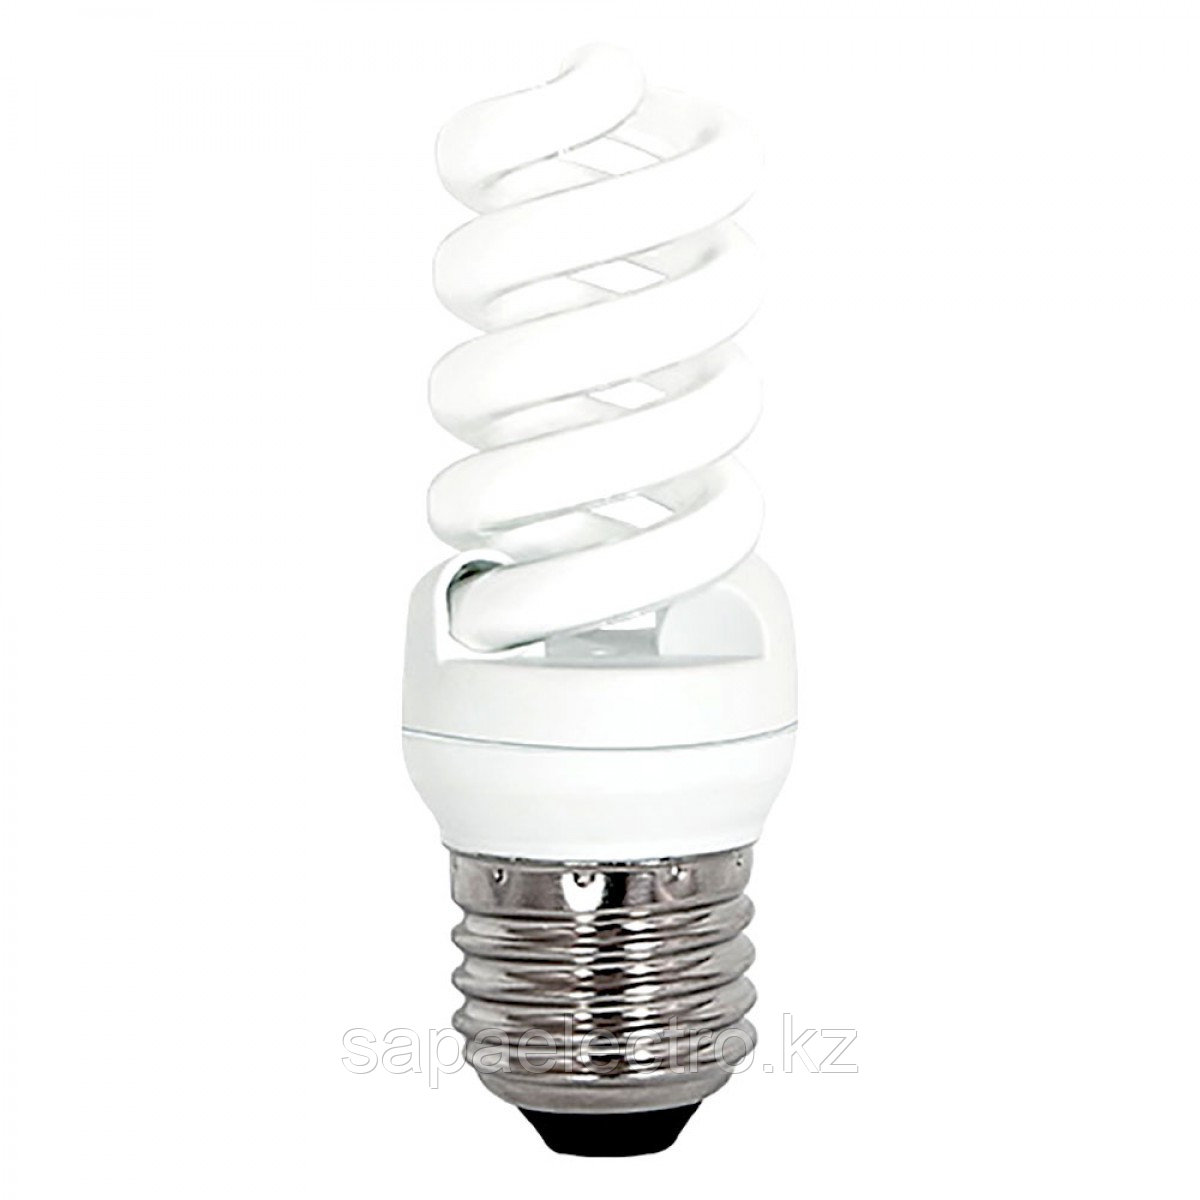 Лампа SPIRAL TINY  11W   E27   827   (TL) 50шт